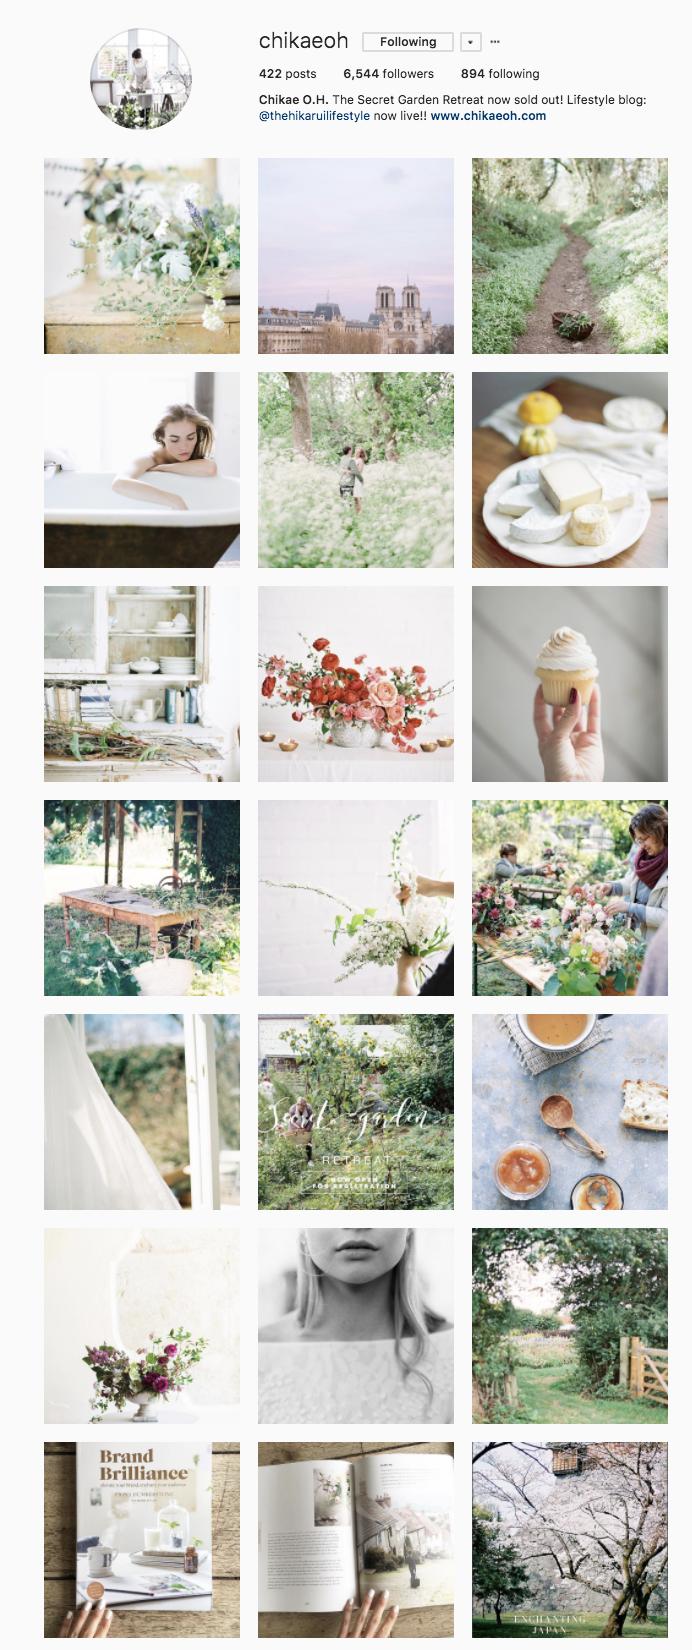 My work Instagram  @chikaeoh  Present day